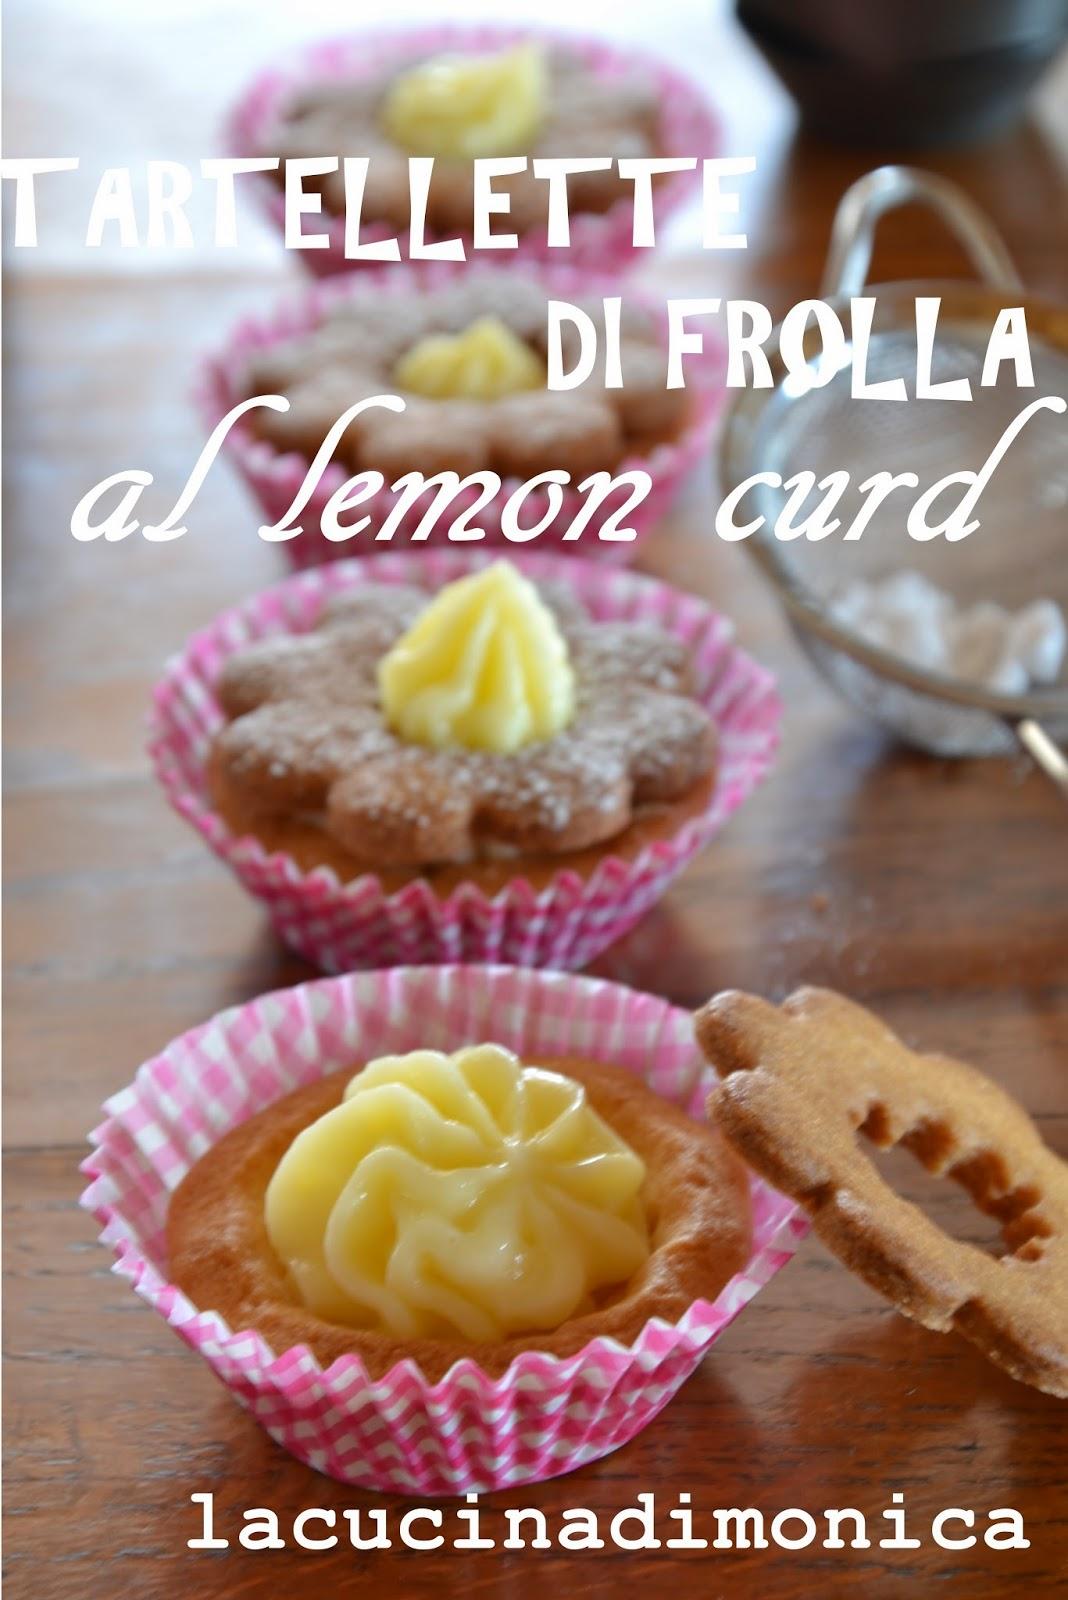 tartellette di frolla al lemon curd